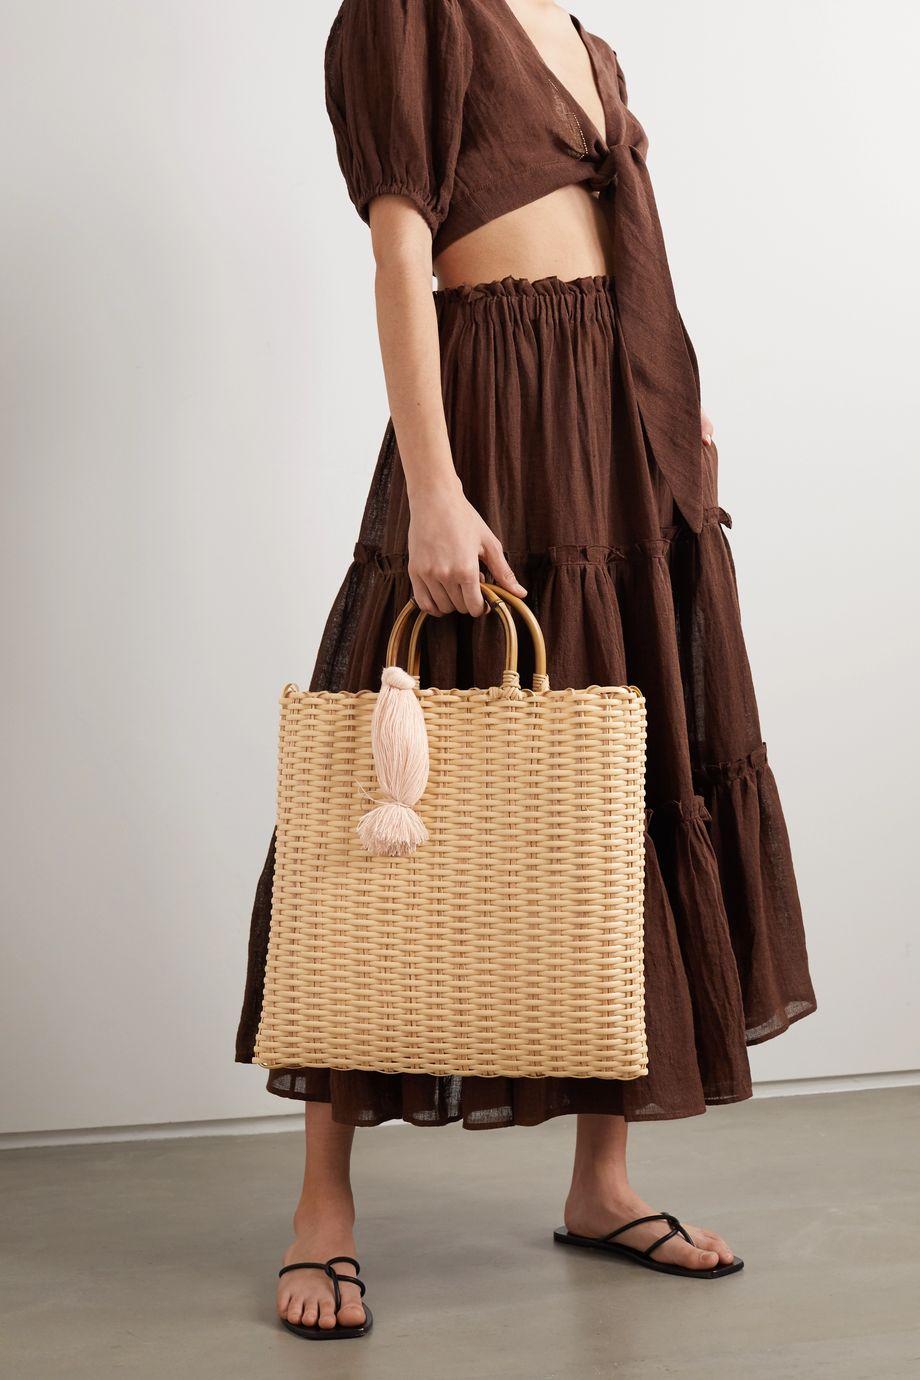 Nannacay + NET SUSTAIN Carolyn tasseled woven tote